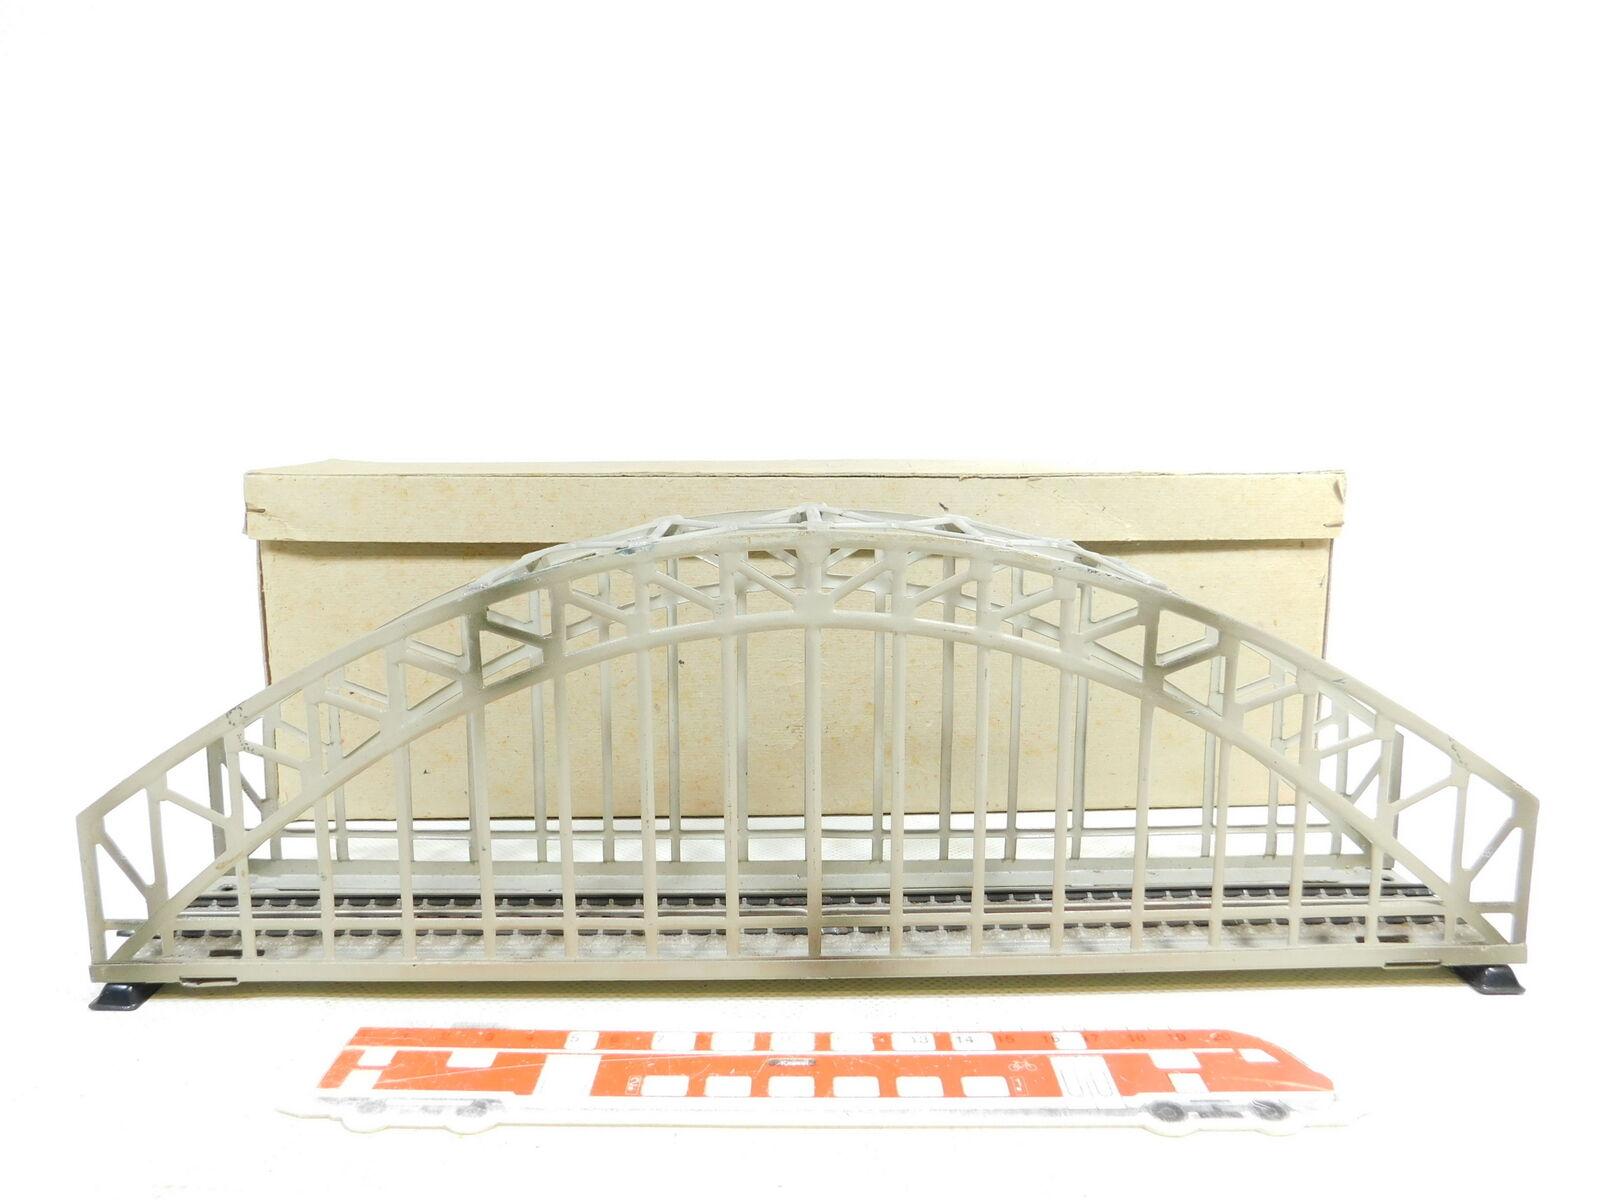 vendita di offerte marklin bx662-1  h0 h0 h0 00 ac 467 2 Ponte di Arco M-Binario mezzi capo F. 3600 800 OVP  risparmia il 60% di sconto